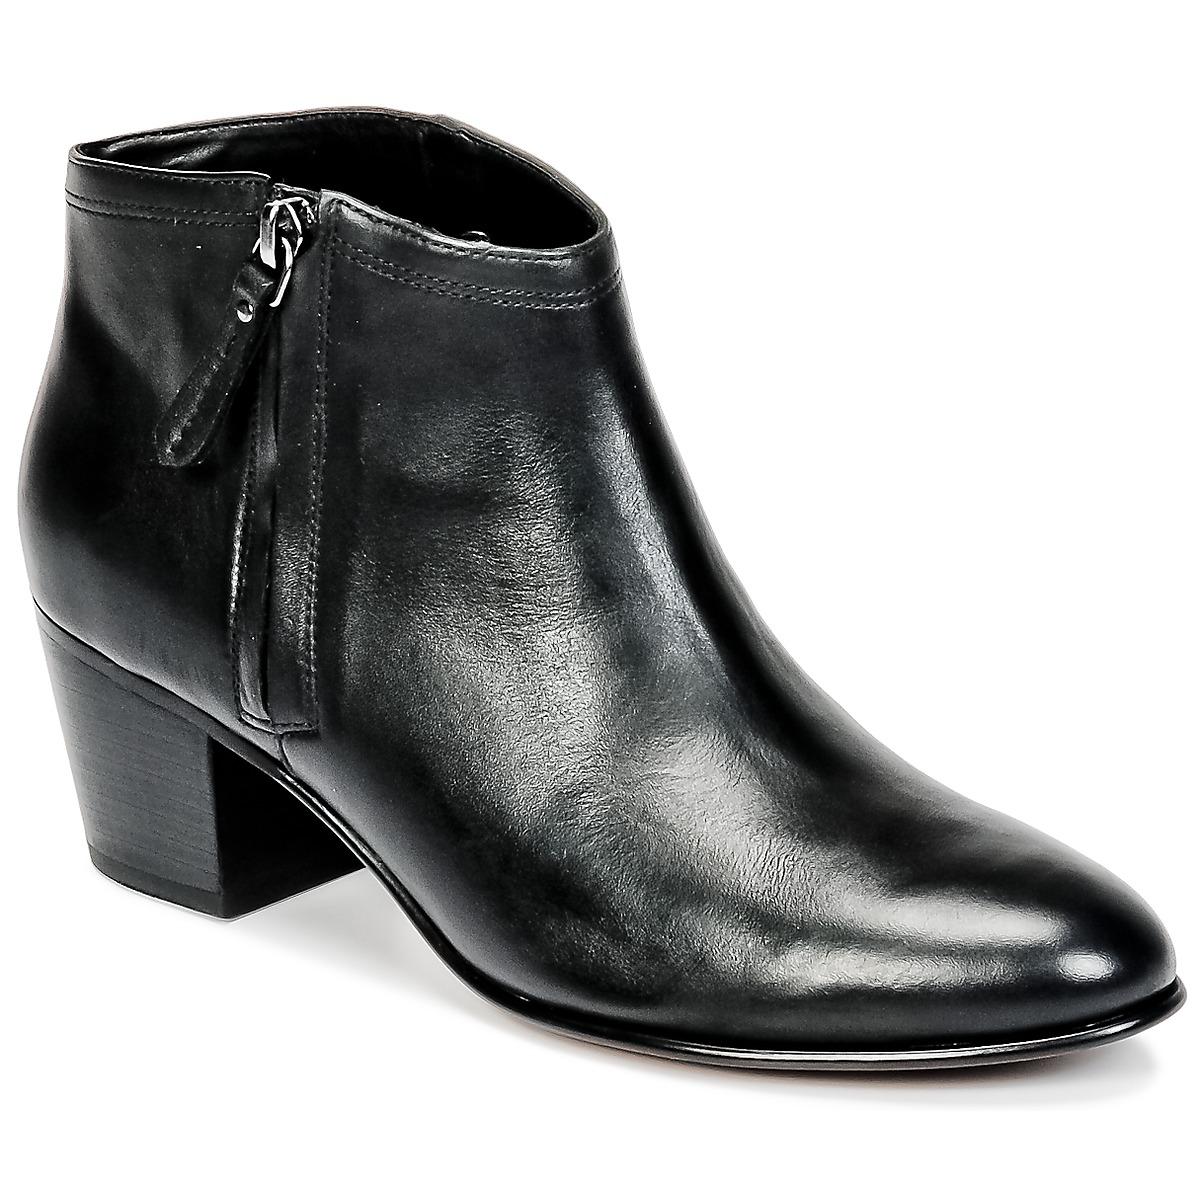 achat chaussures pas cher chaussures prix discount chaussures femme homme et enfants. Black Bedroom Furniture Sets. Home Design Ideas